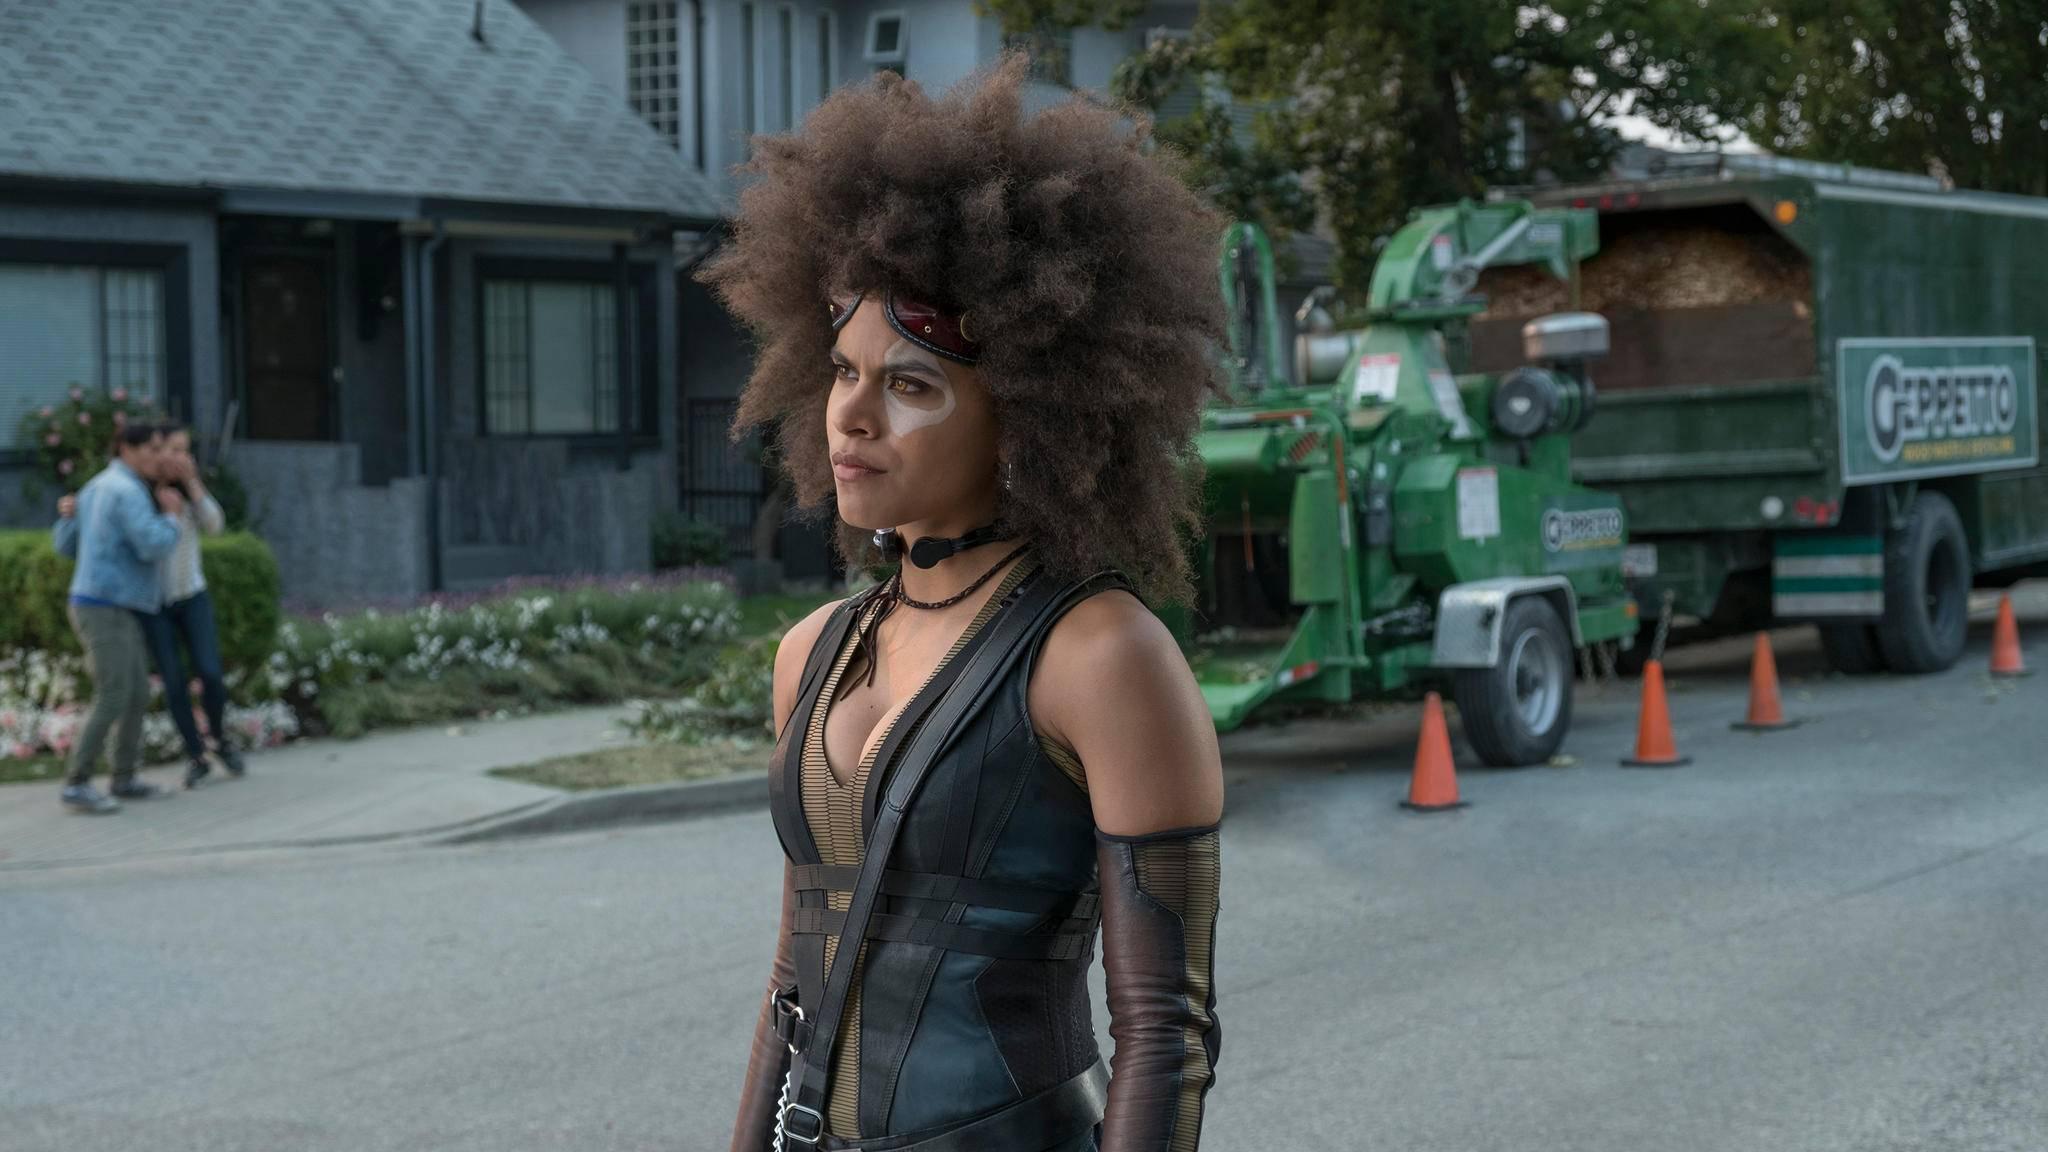 Ob Domino (Zazie Beetz) auch auf der Leinwand irgendwann Cables Herz erobert?